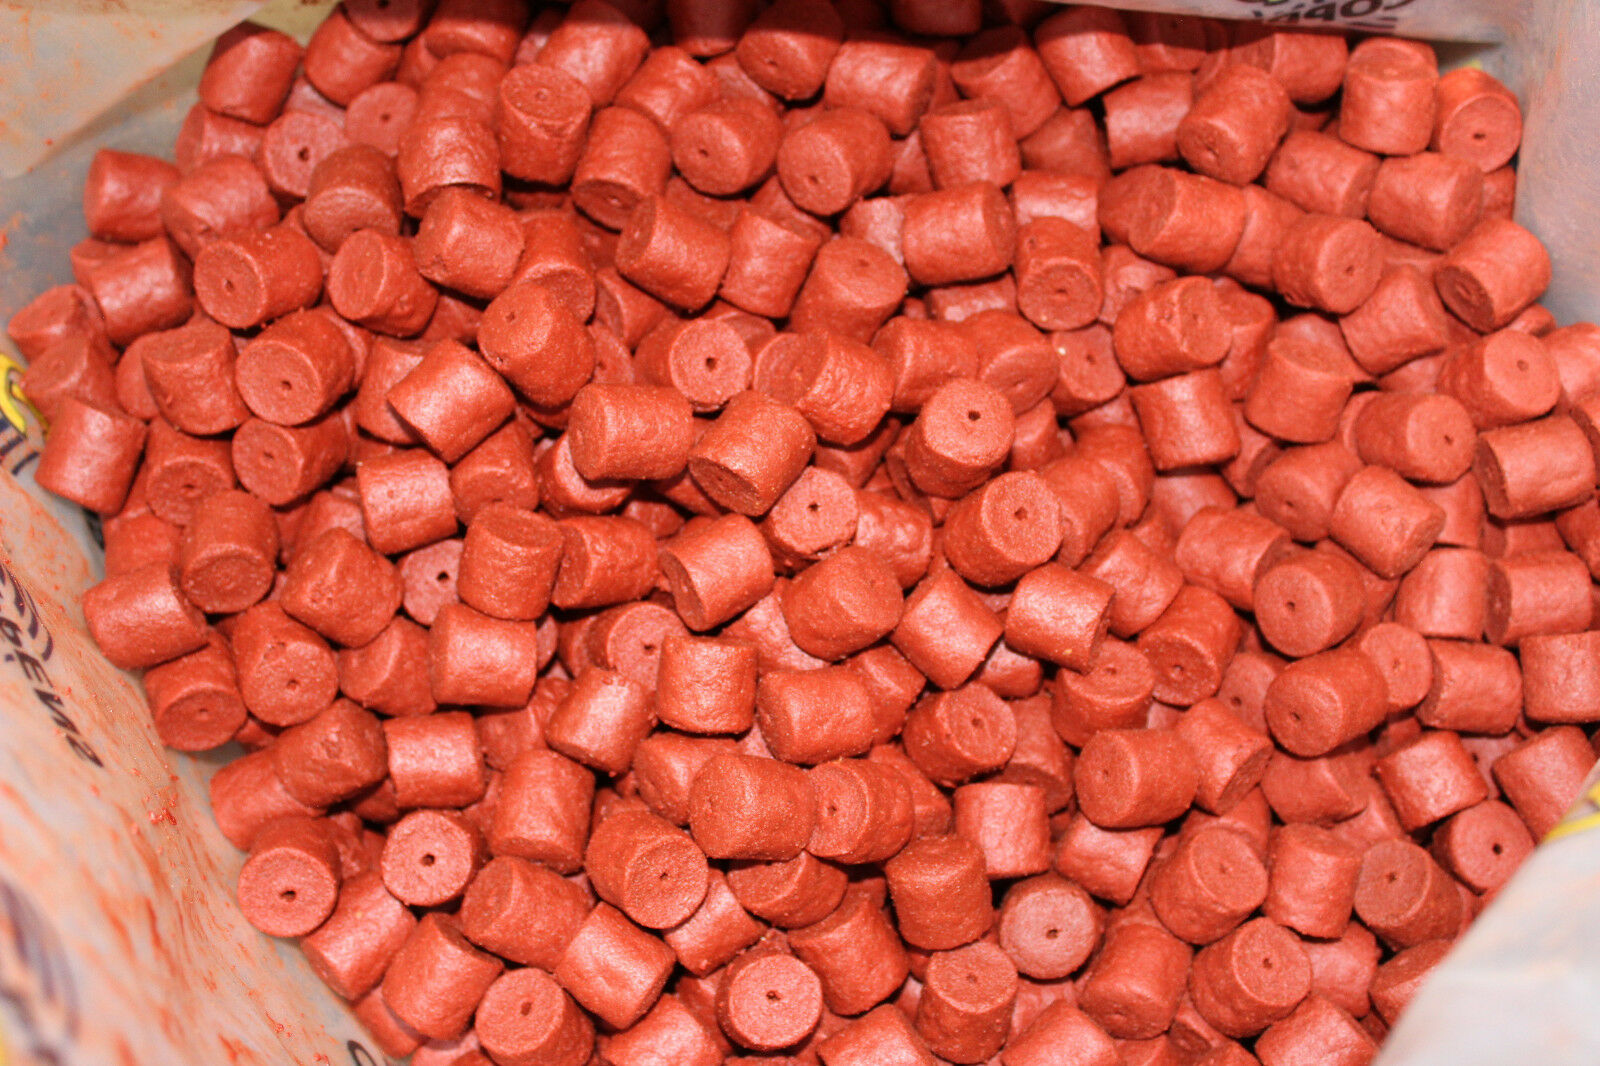 2,89 EUR 20Kg / Kg COPPENS ROT HALIBUT PELLETS 20Kg EUR Heilbutt Fischmehl Shrimp Krill d2f5da